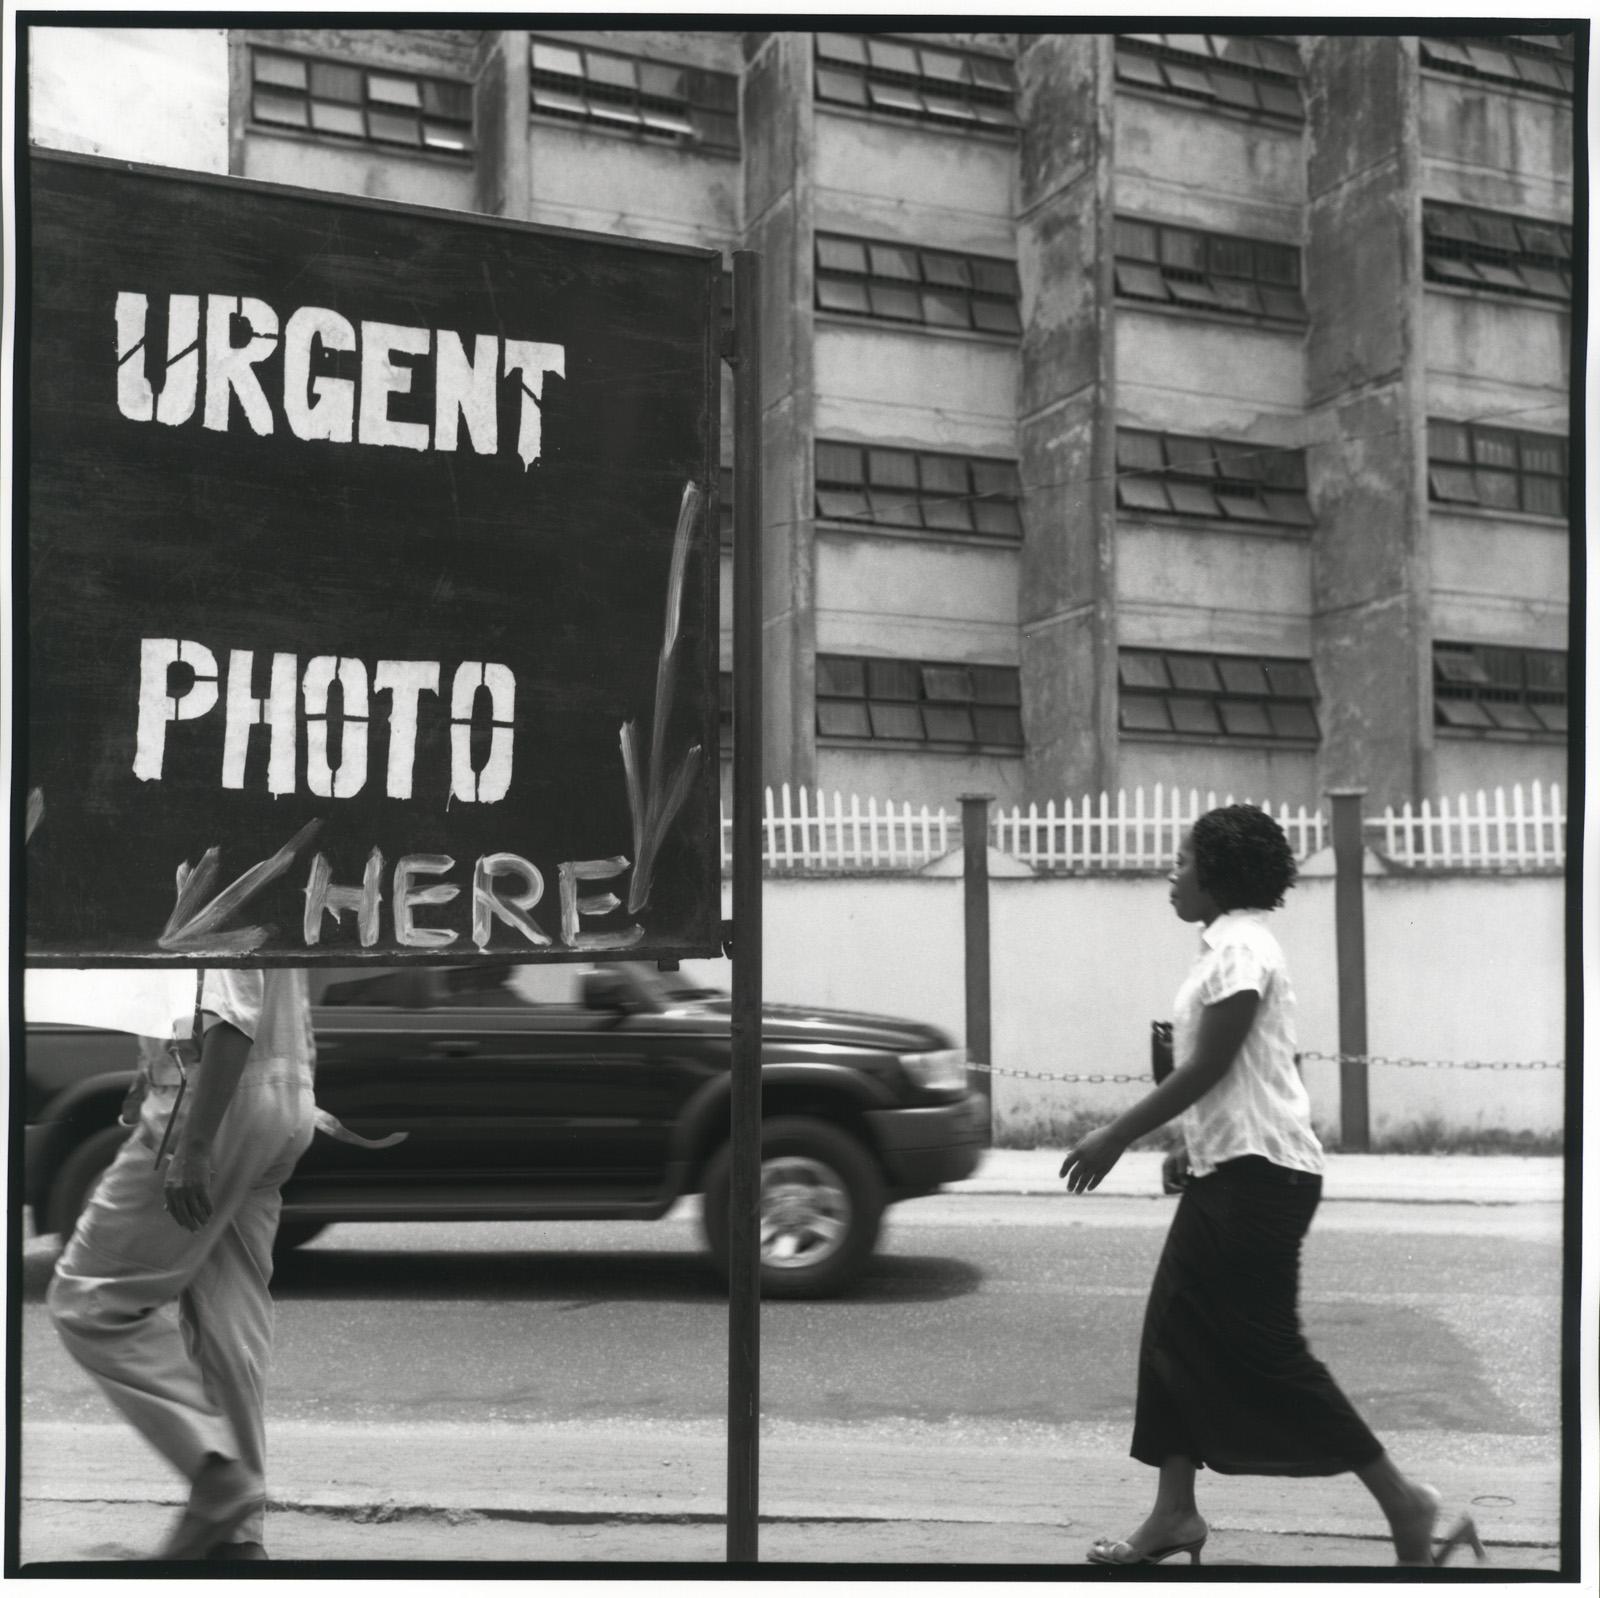 Akinbode Akinbiyi, Victoria Island, Lagos(?), 2006. Courtesy the artist.